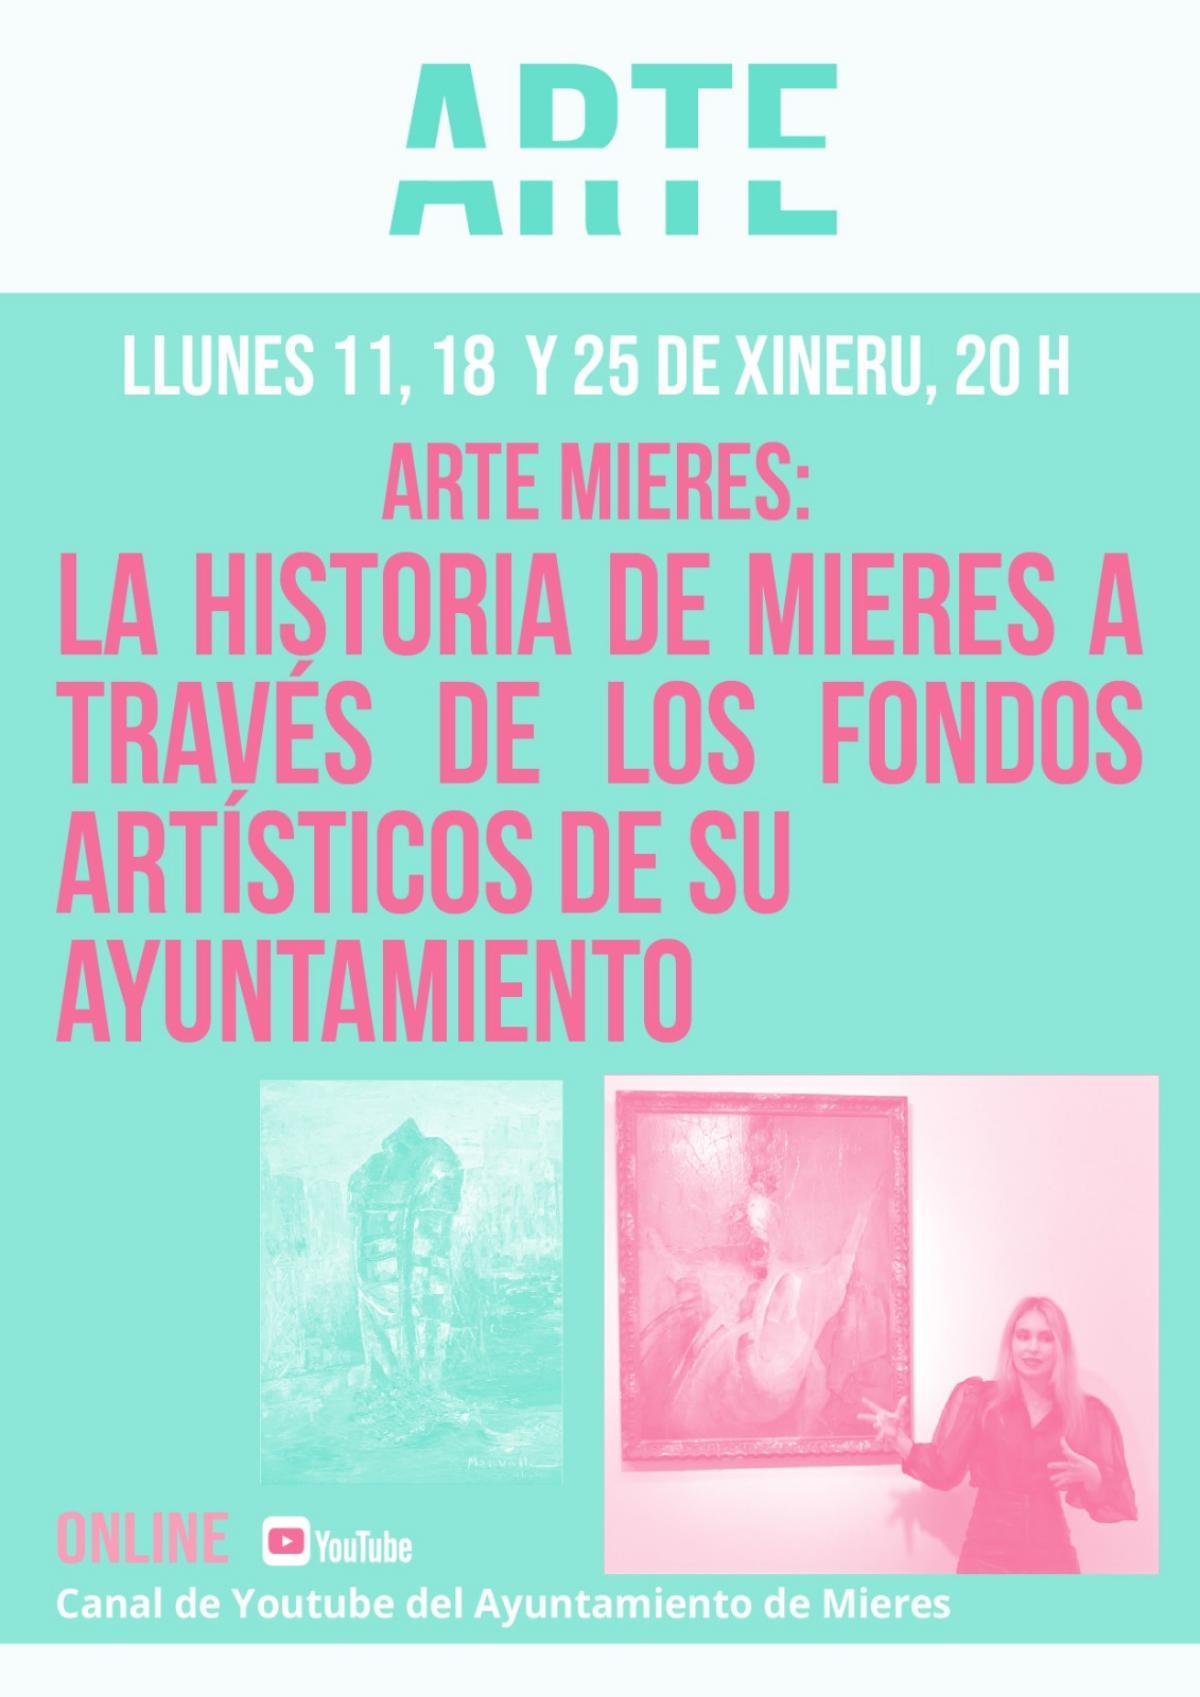 Artemieres Fondos Ayuntamiento